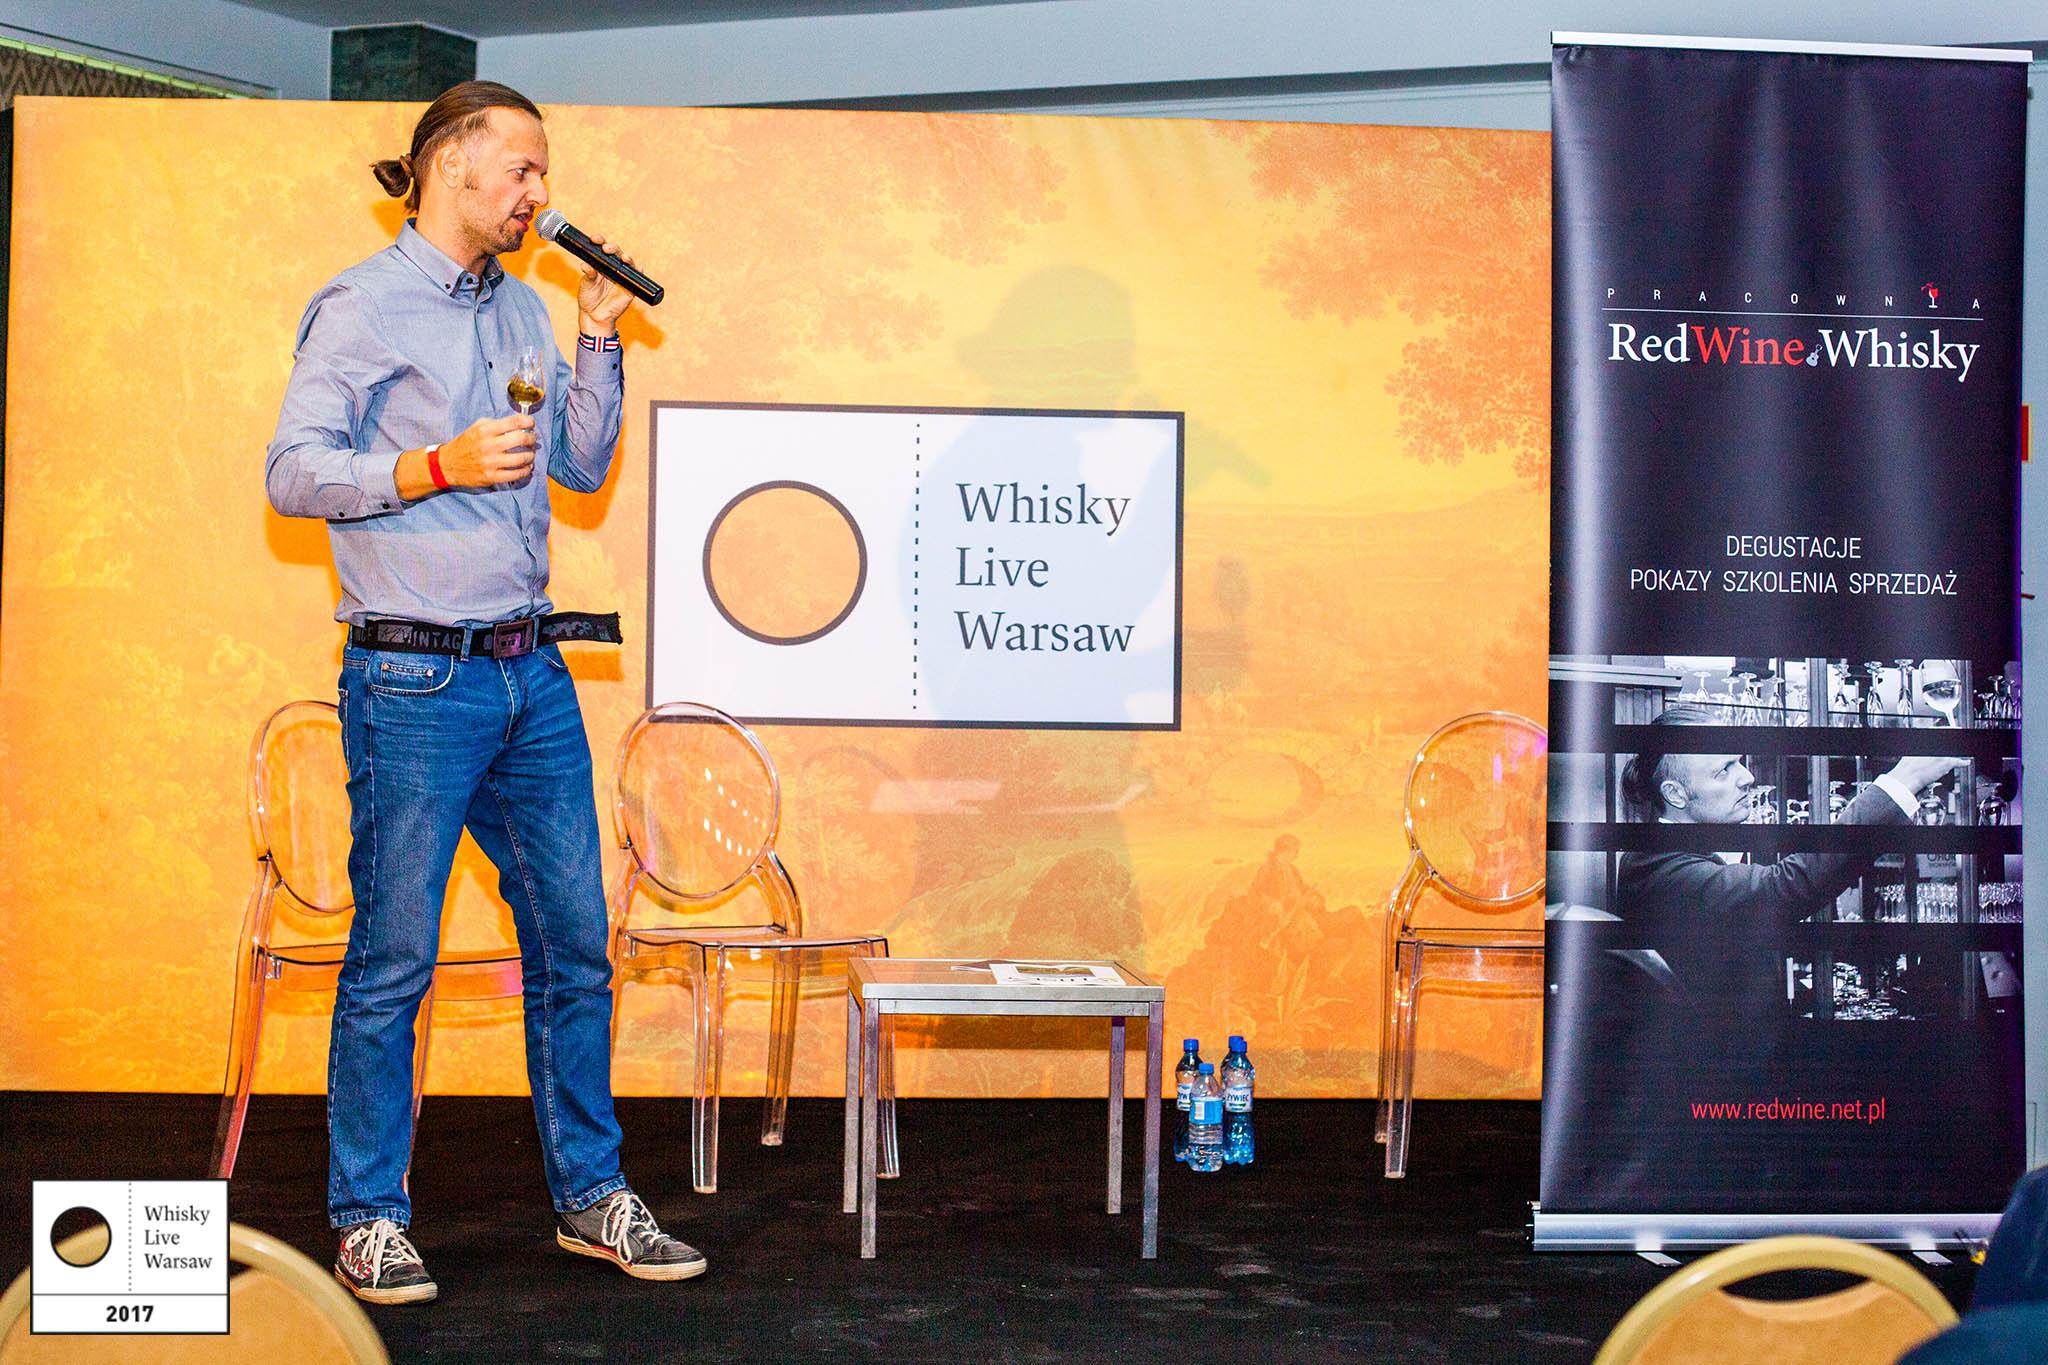 Pracownia Red Wine and Whisky- dziękujemy, polecamy!